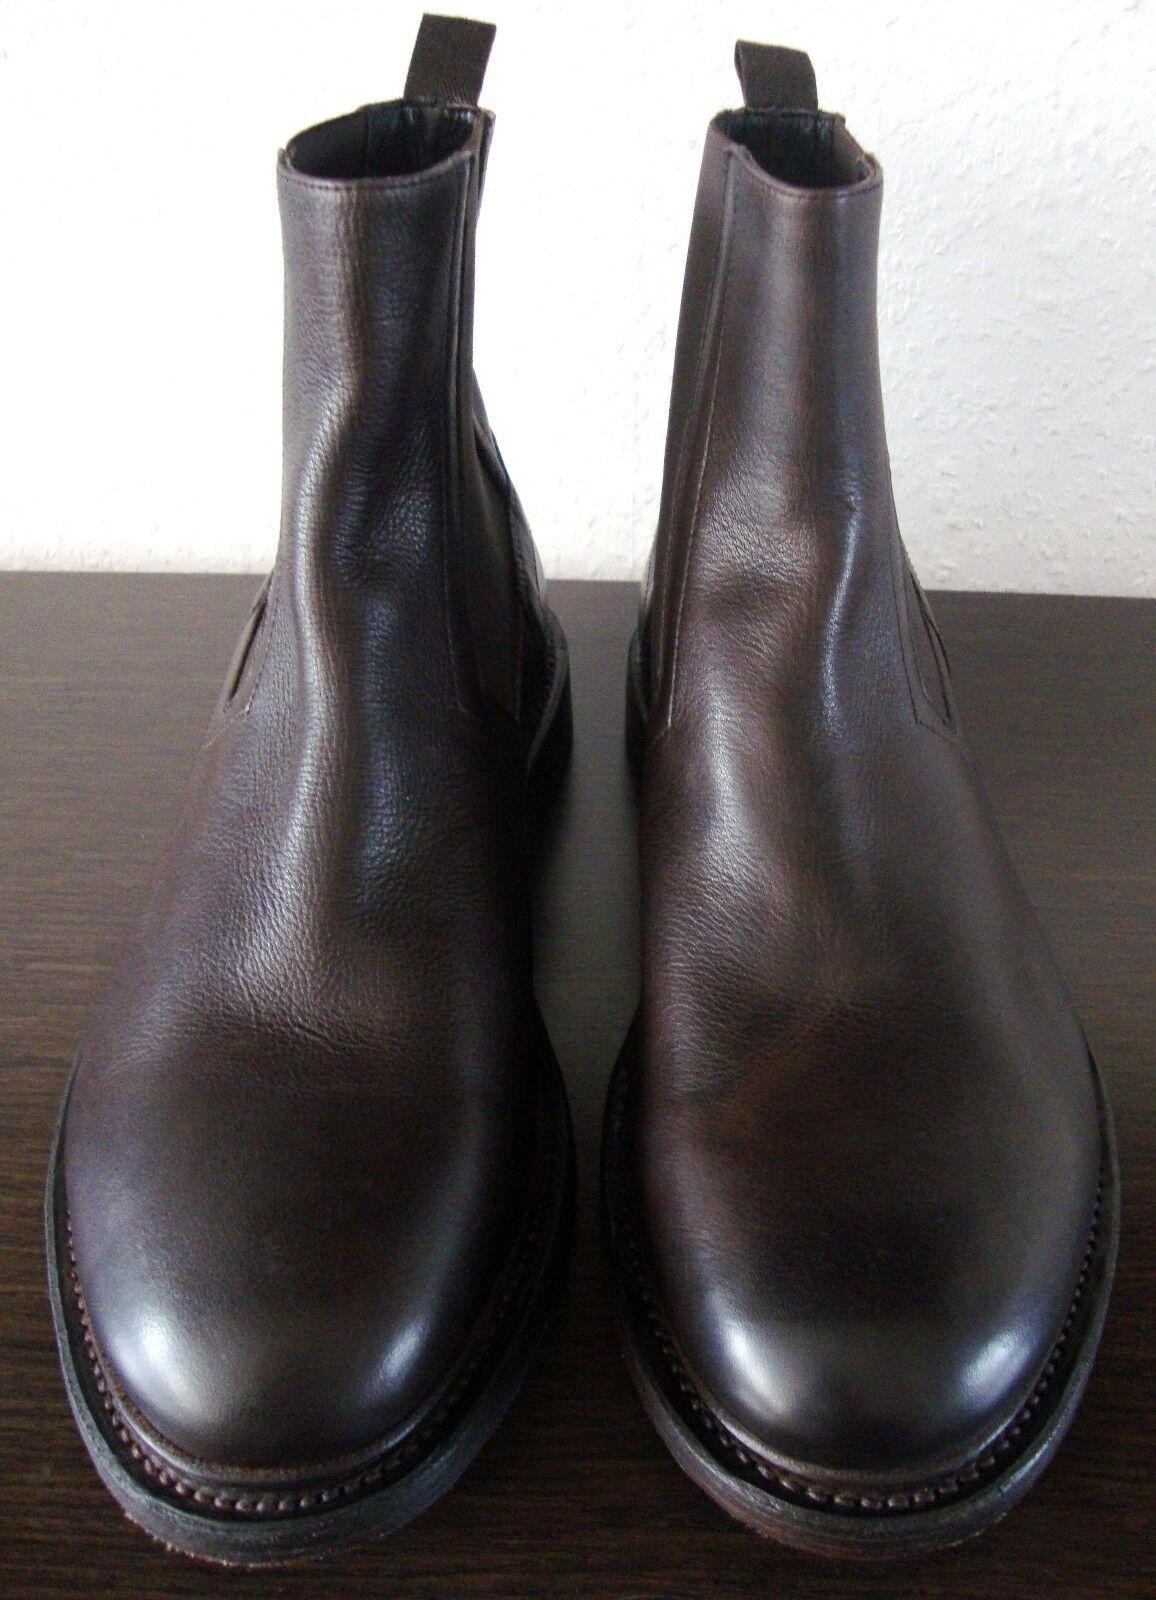 BIKKEMBERS Herren Stiefel Stiefel Stiefel Stiefelette Bootie Chukka Schuhe Echtleder Gr.45 NEU c37f0f